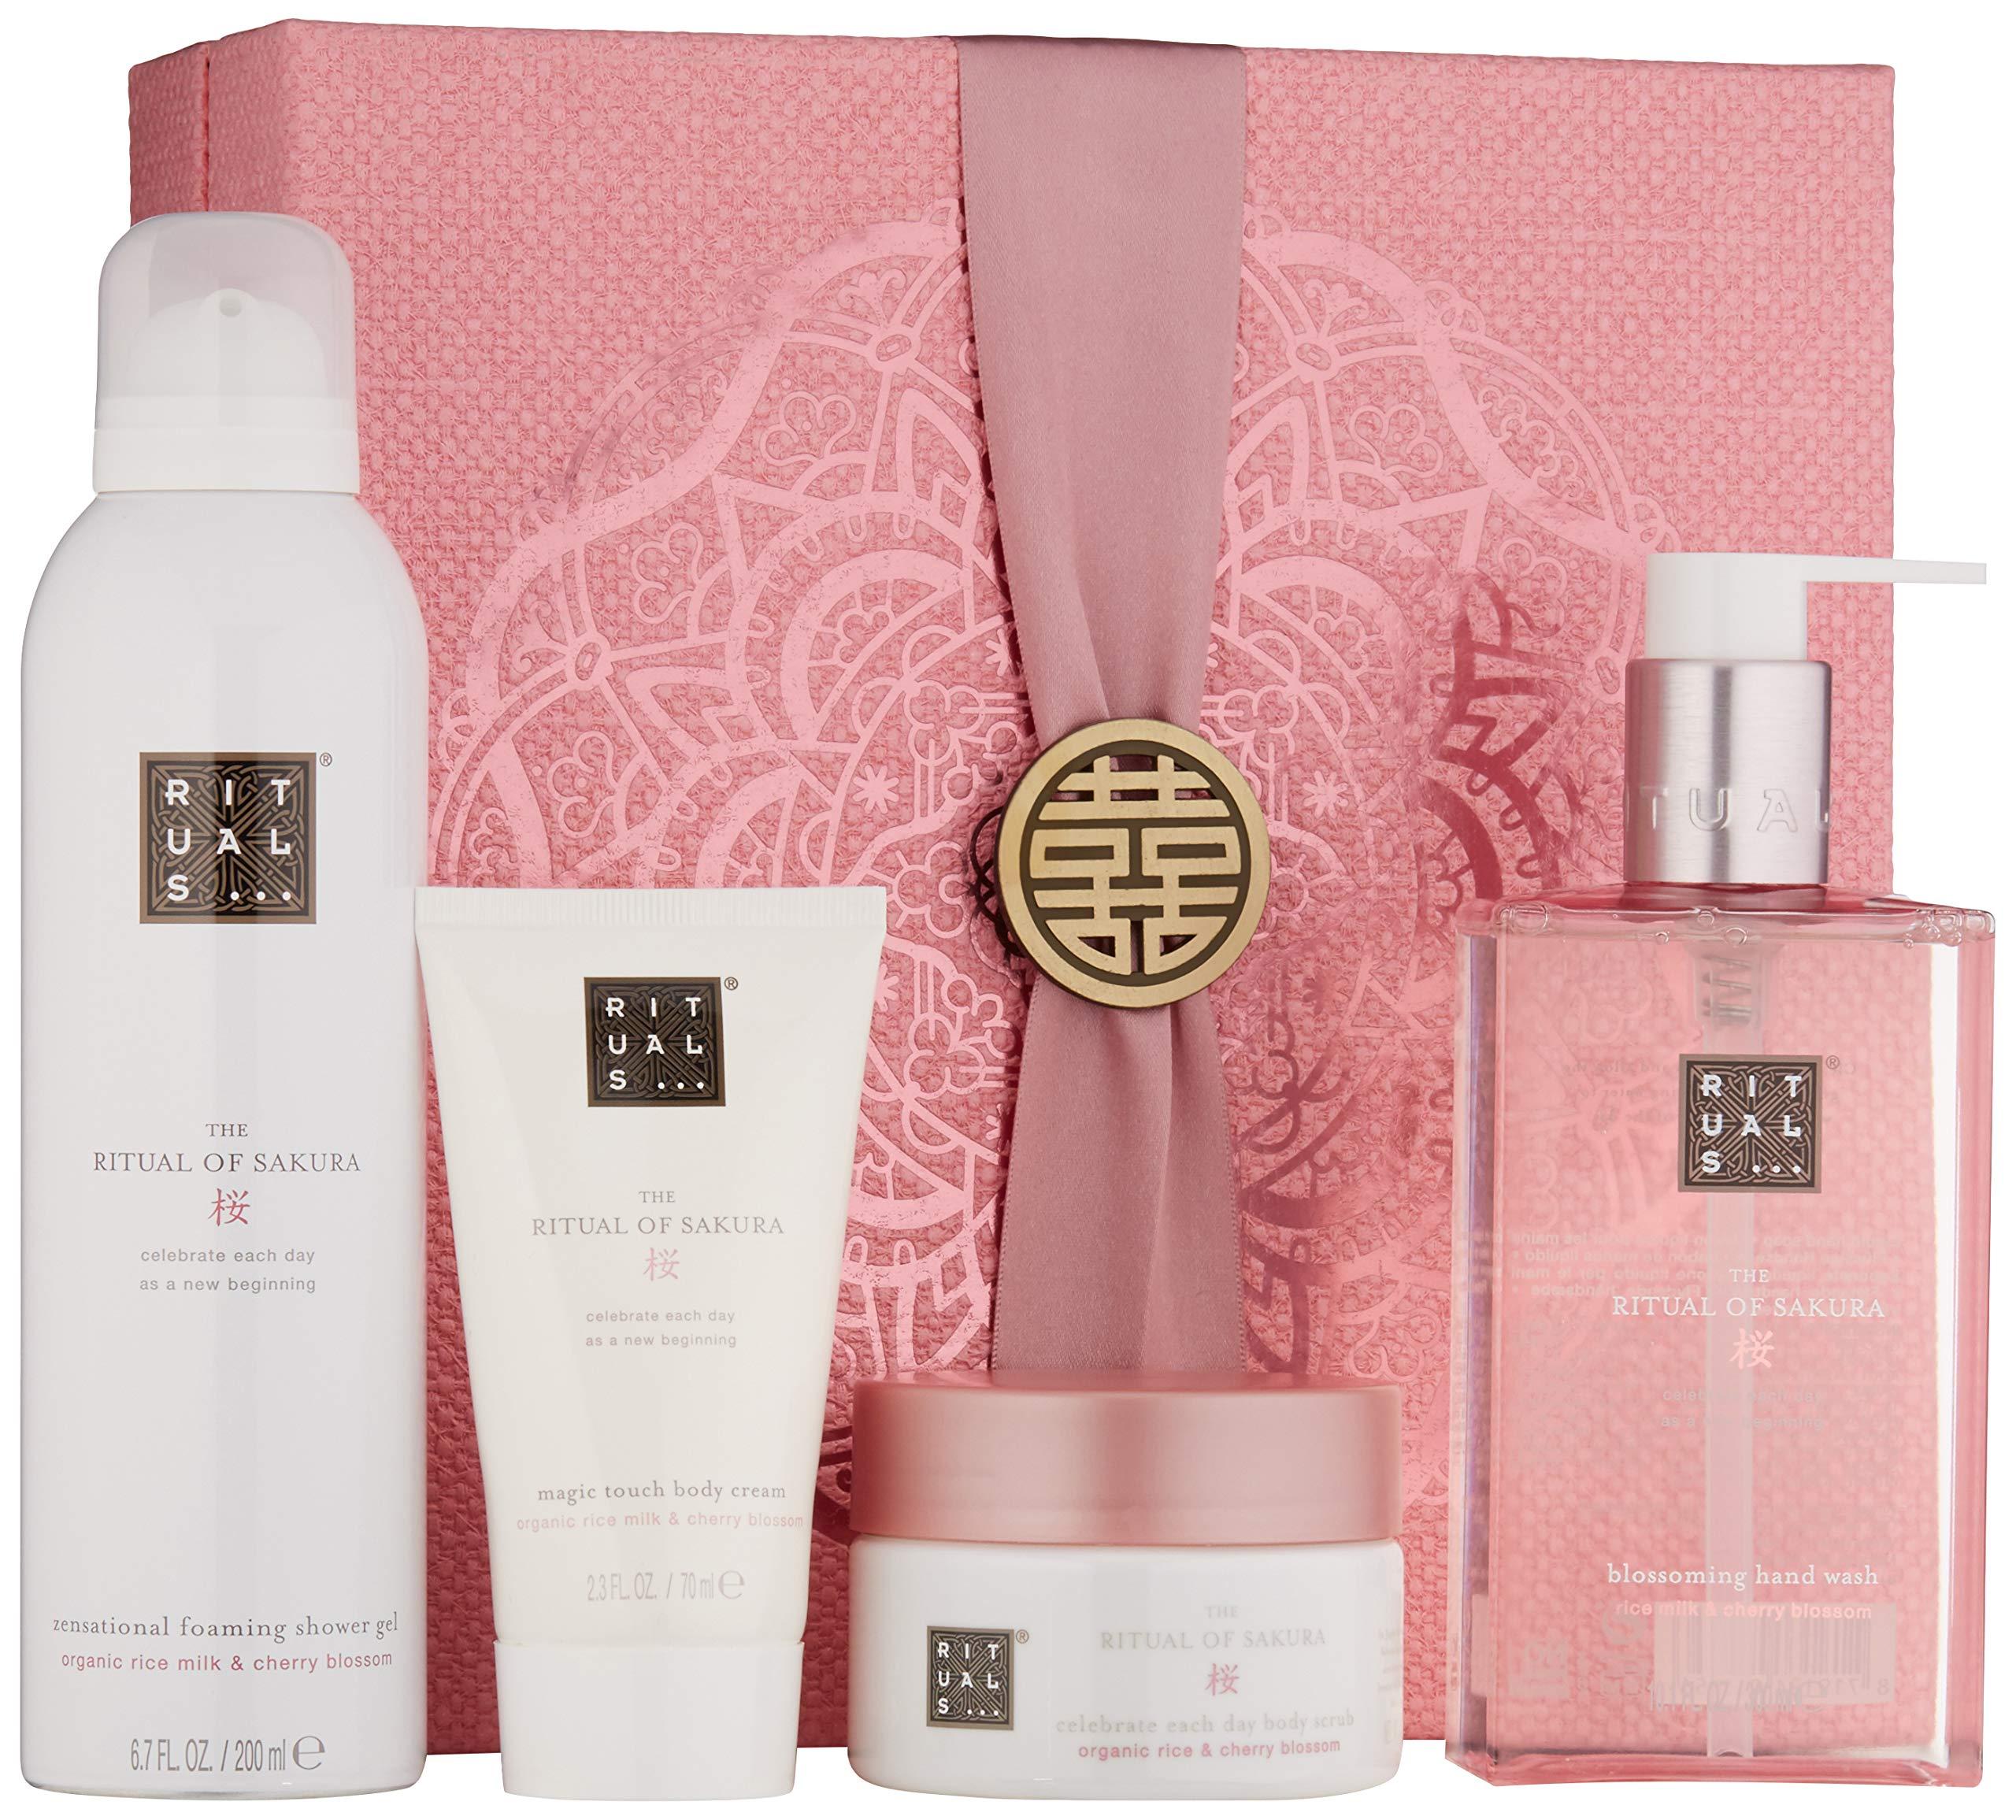 RITUALS The Ritual of Sakura Gift Set Medium, Renewing Ritual by RITUALS